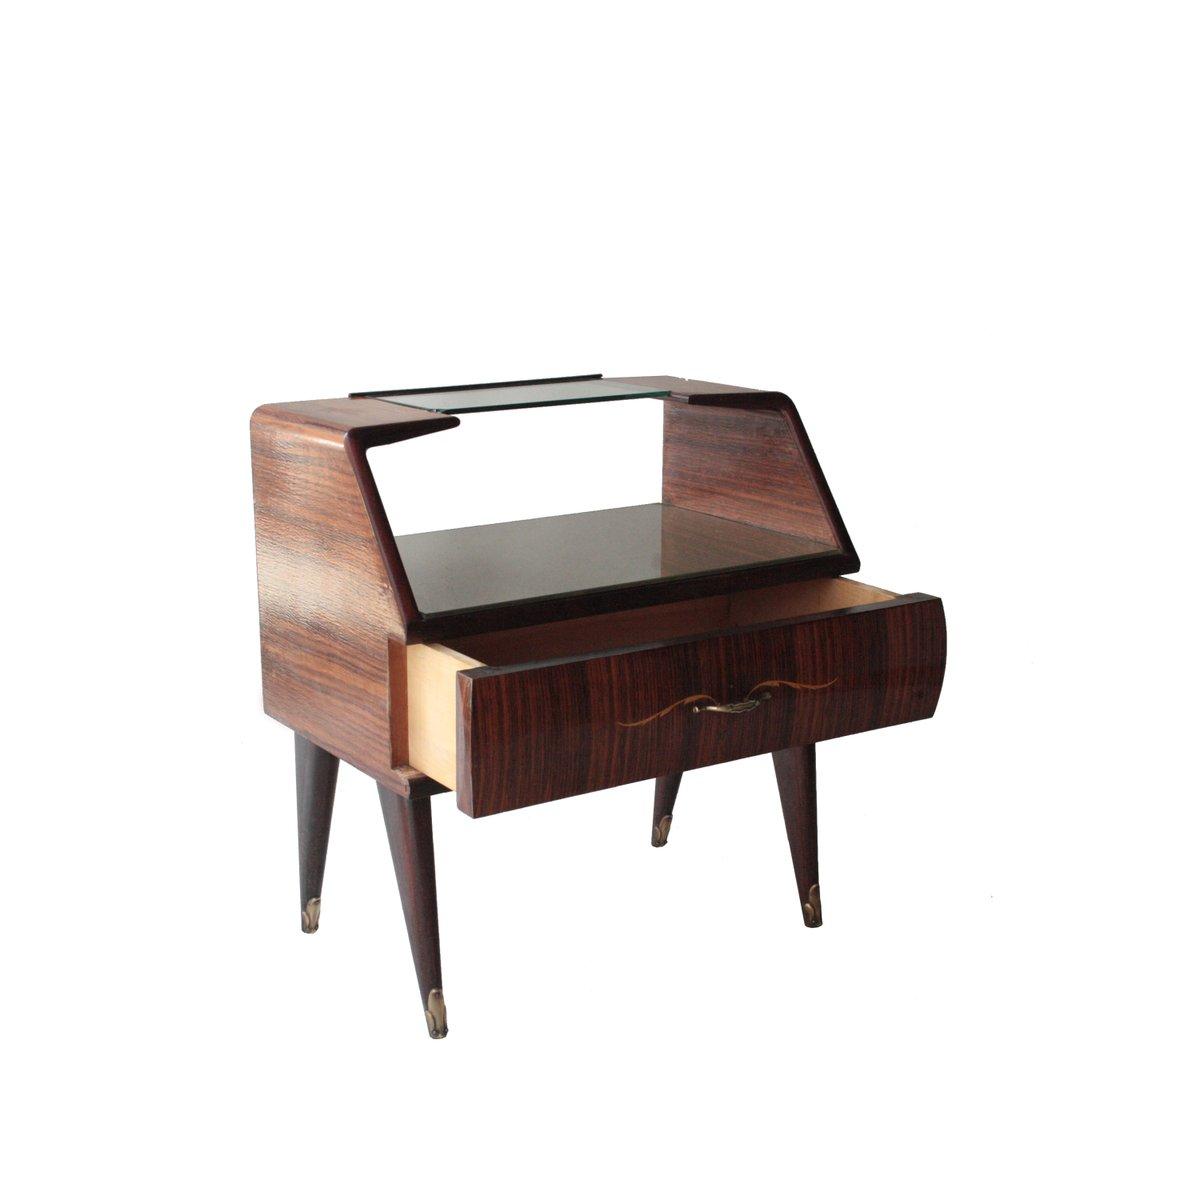 tables de chevet en palissandre et verre opalin 1950s set de 2 en vente sur pamono. Black Bedroom Furniture Sets. Home Design Ideas